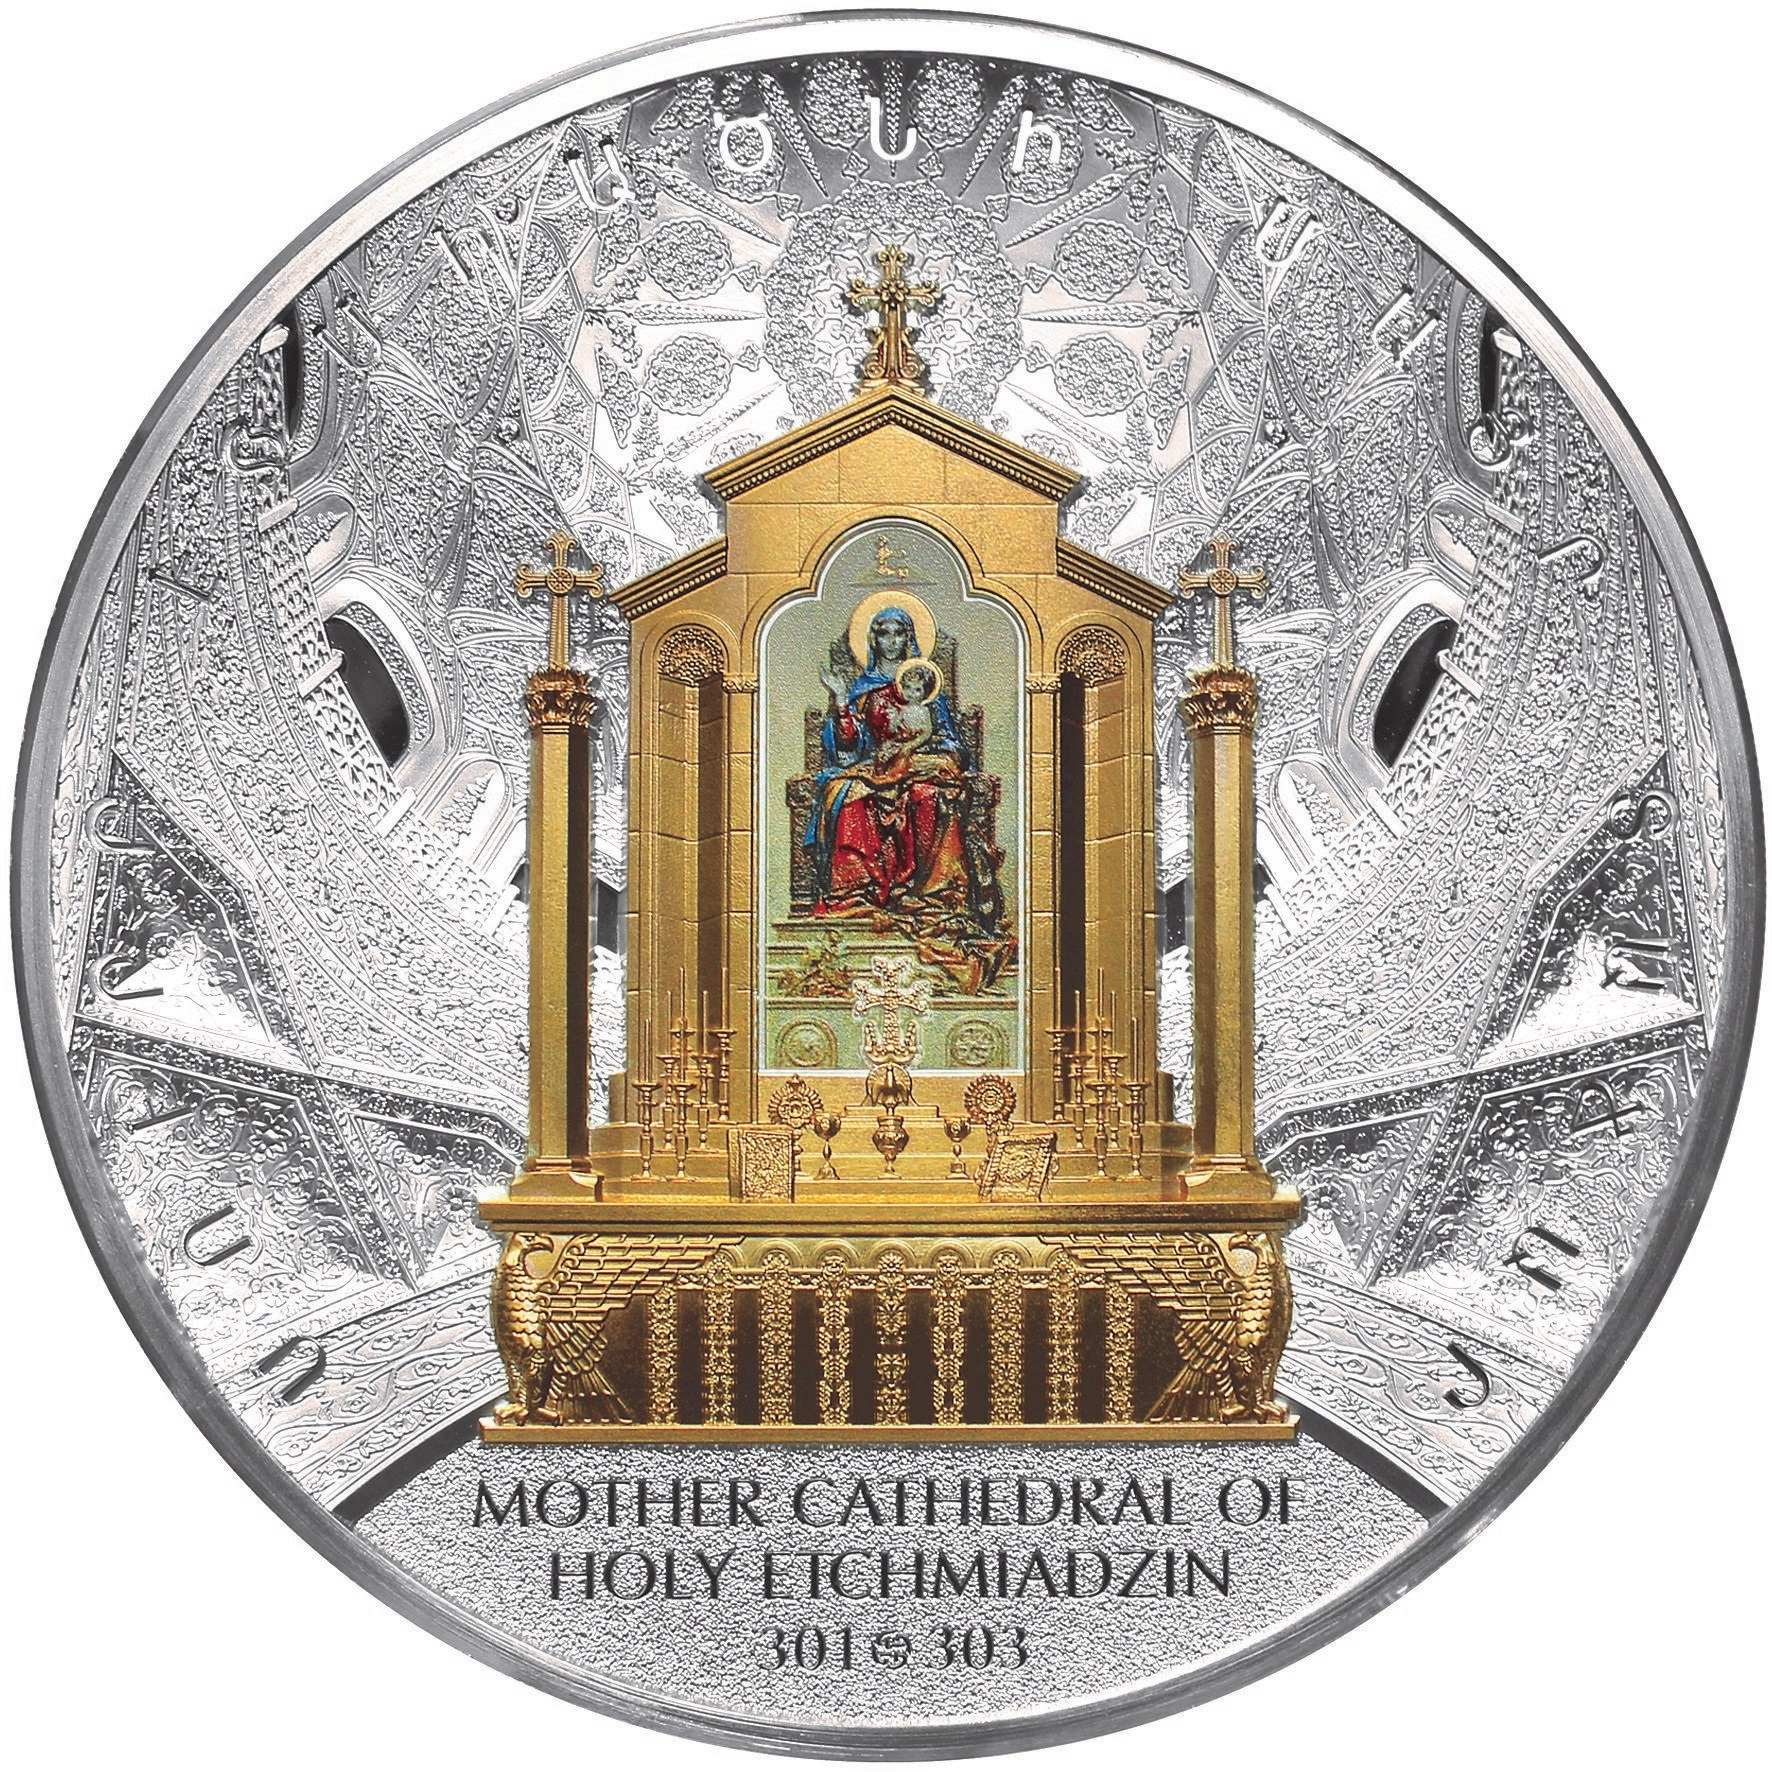 Армения монета 30100 драм Кафедральный собор Святого Эчмиадзина, реверс